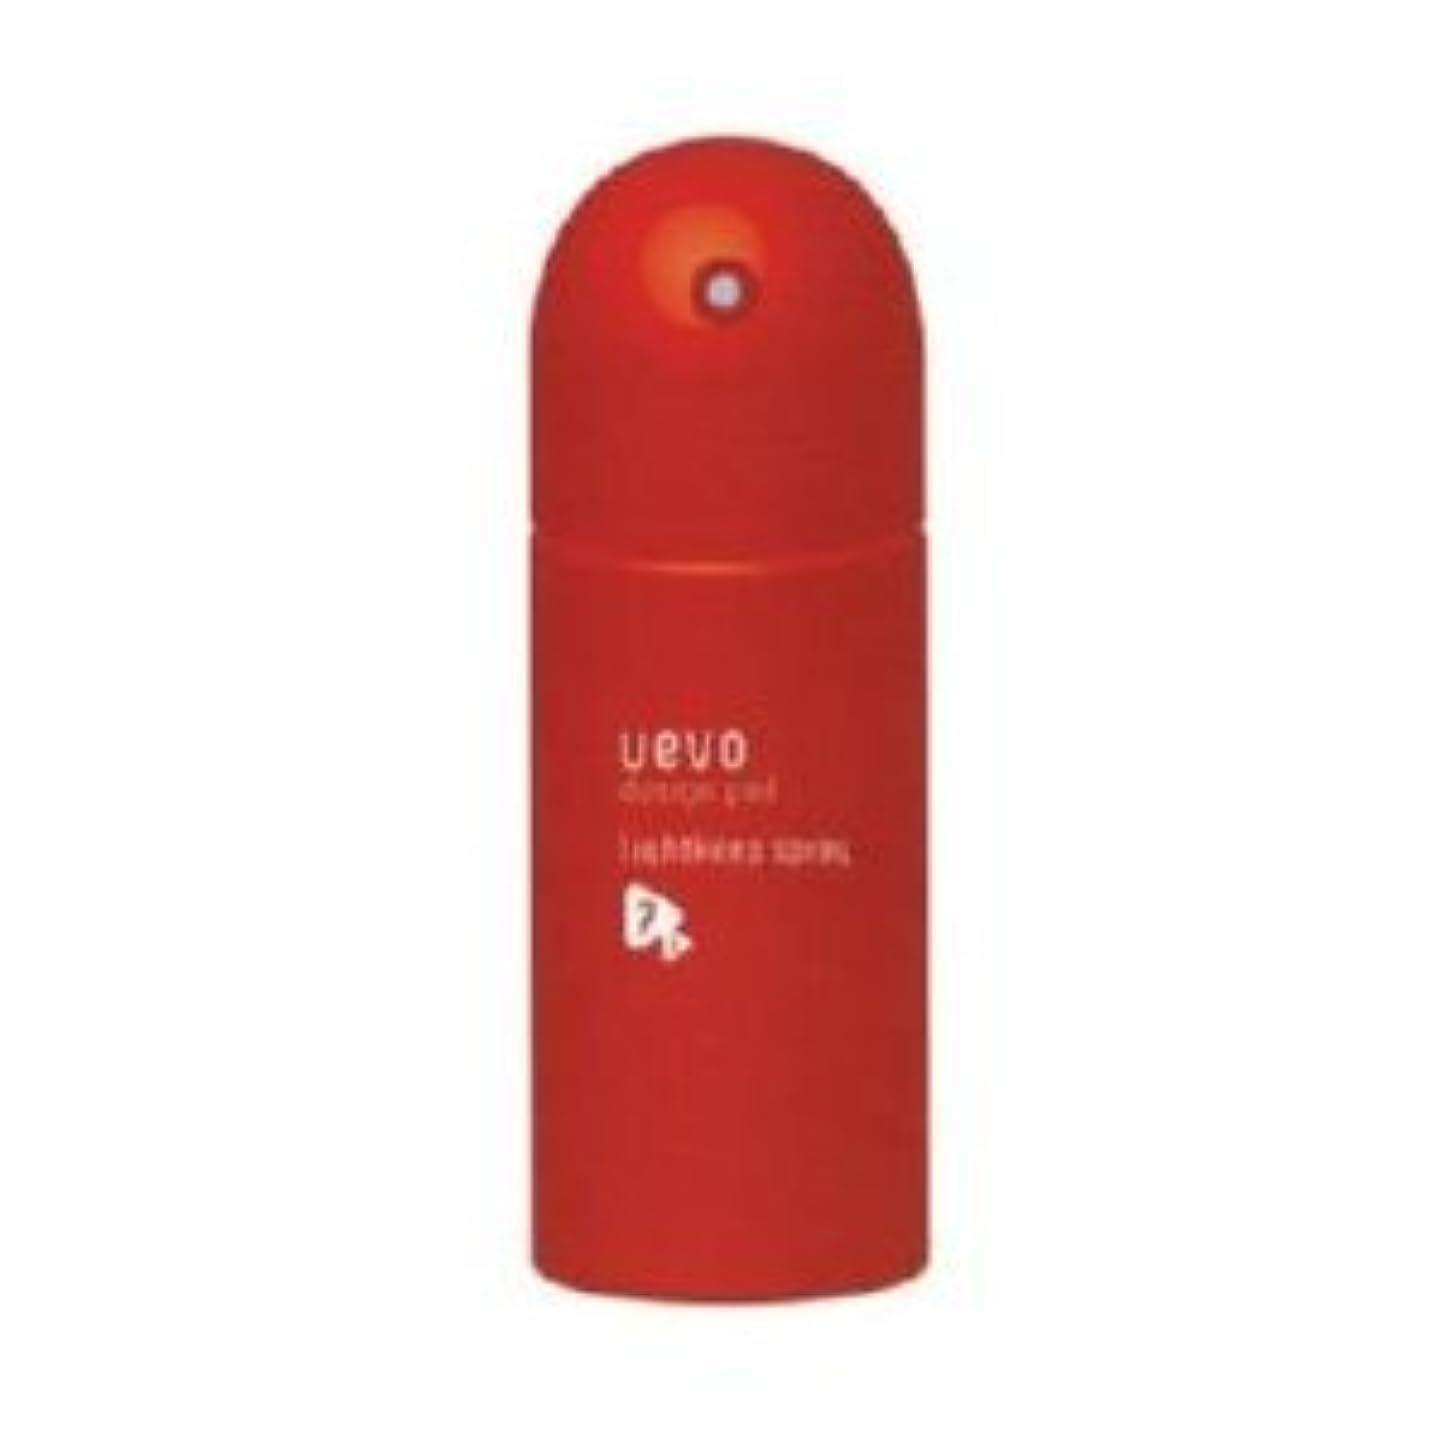 ロックミトン準拠【X5個セット】 デミ ウェーボ デザインポッド ライトキープスプレー 220ml lightkeep spray DEMI uevo design pod